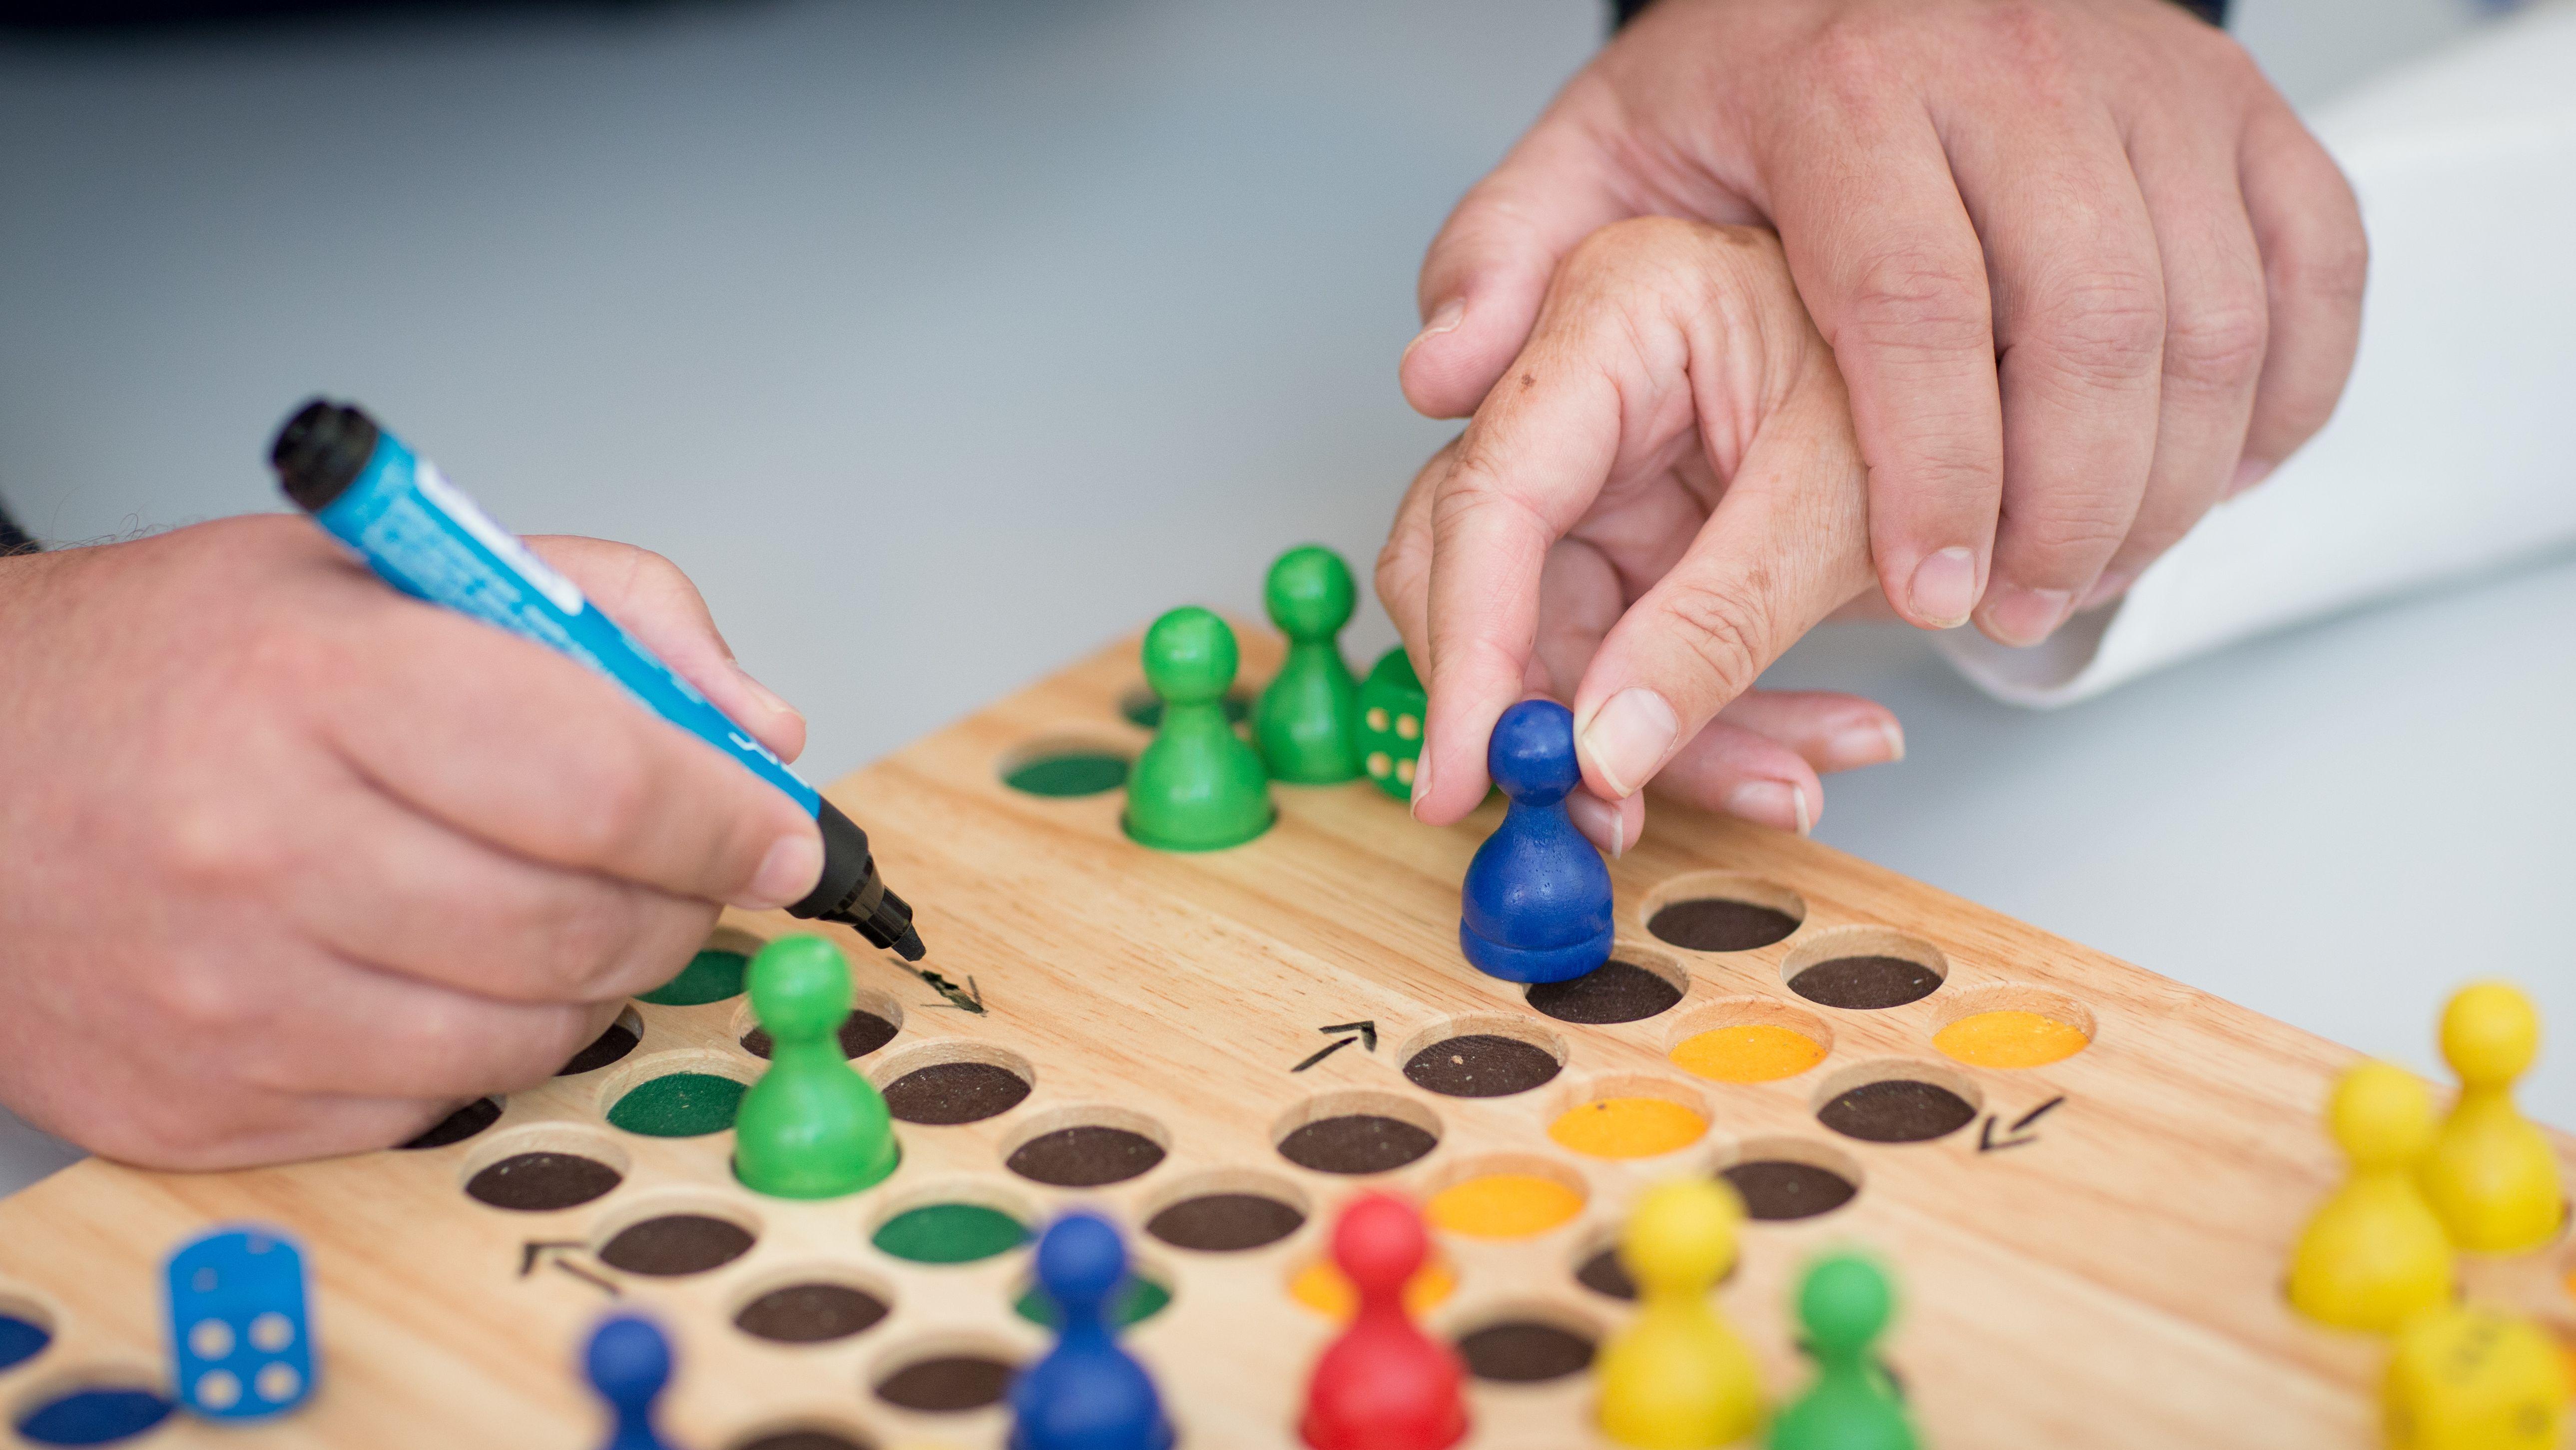 Spielbrett wird mit Pfeilen für an Demenz erkrankte Personen markiert